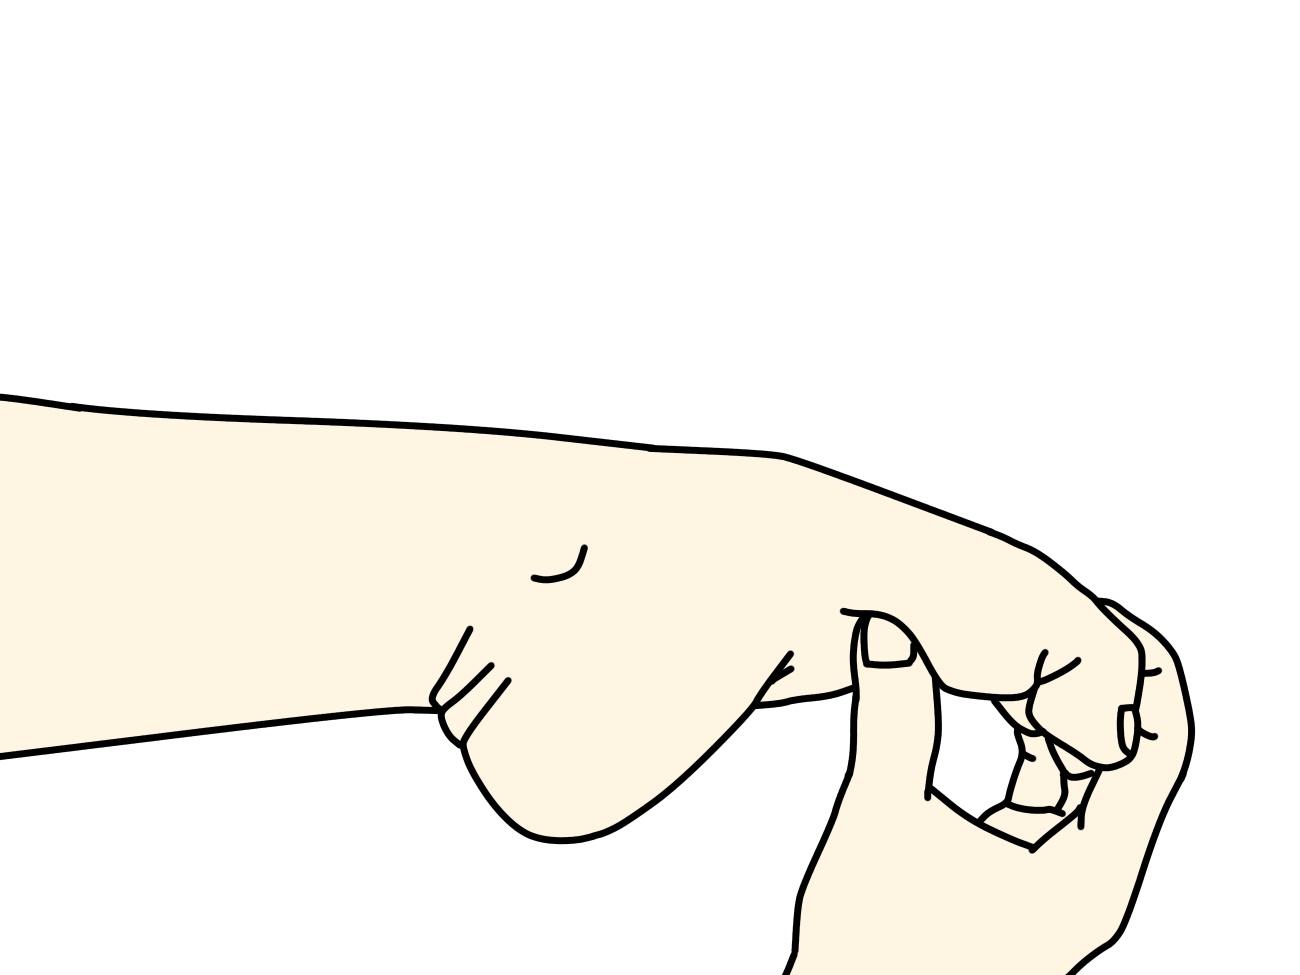 足の指の関節を曲げながら足の甲を伸ばすストレッチ